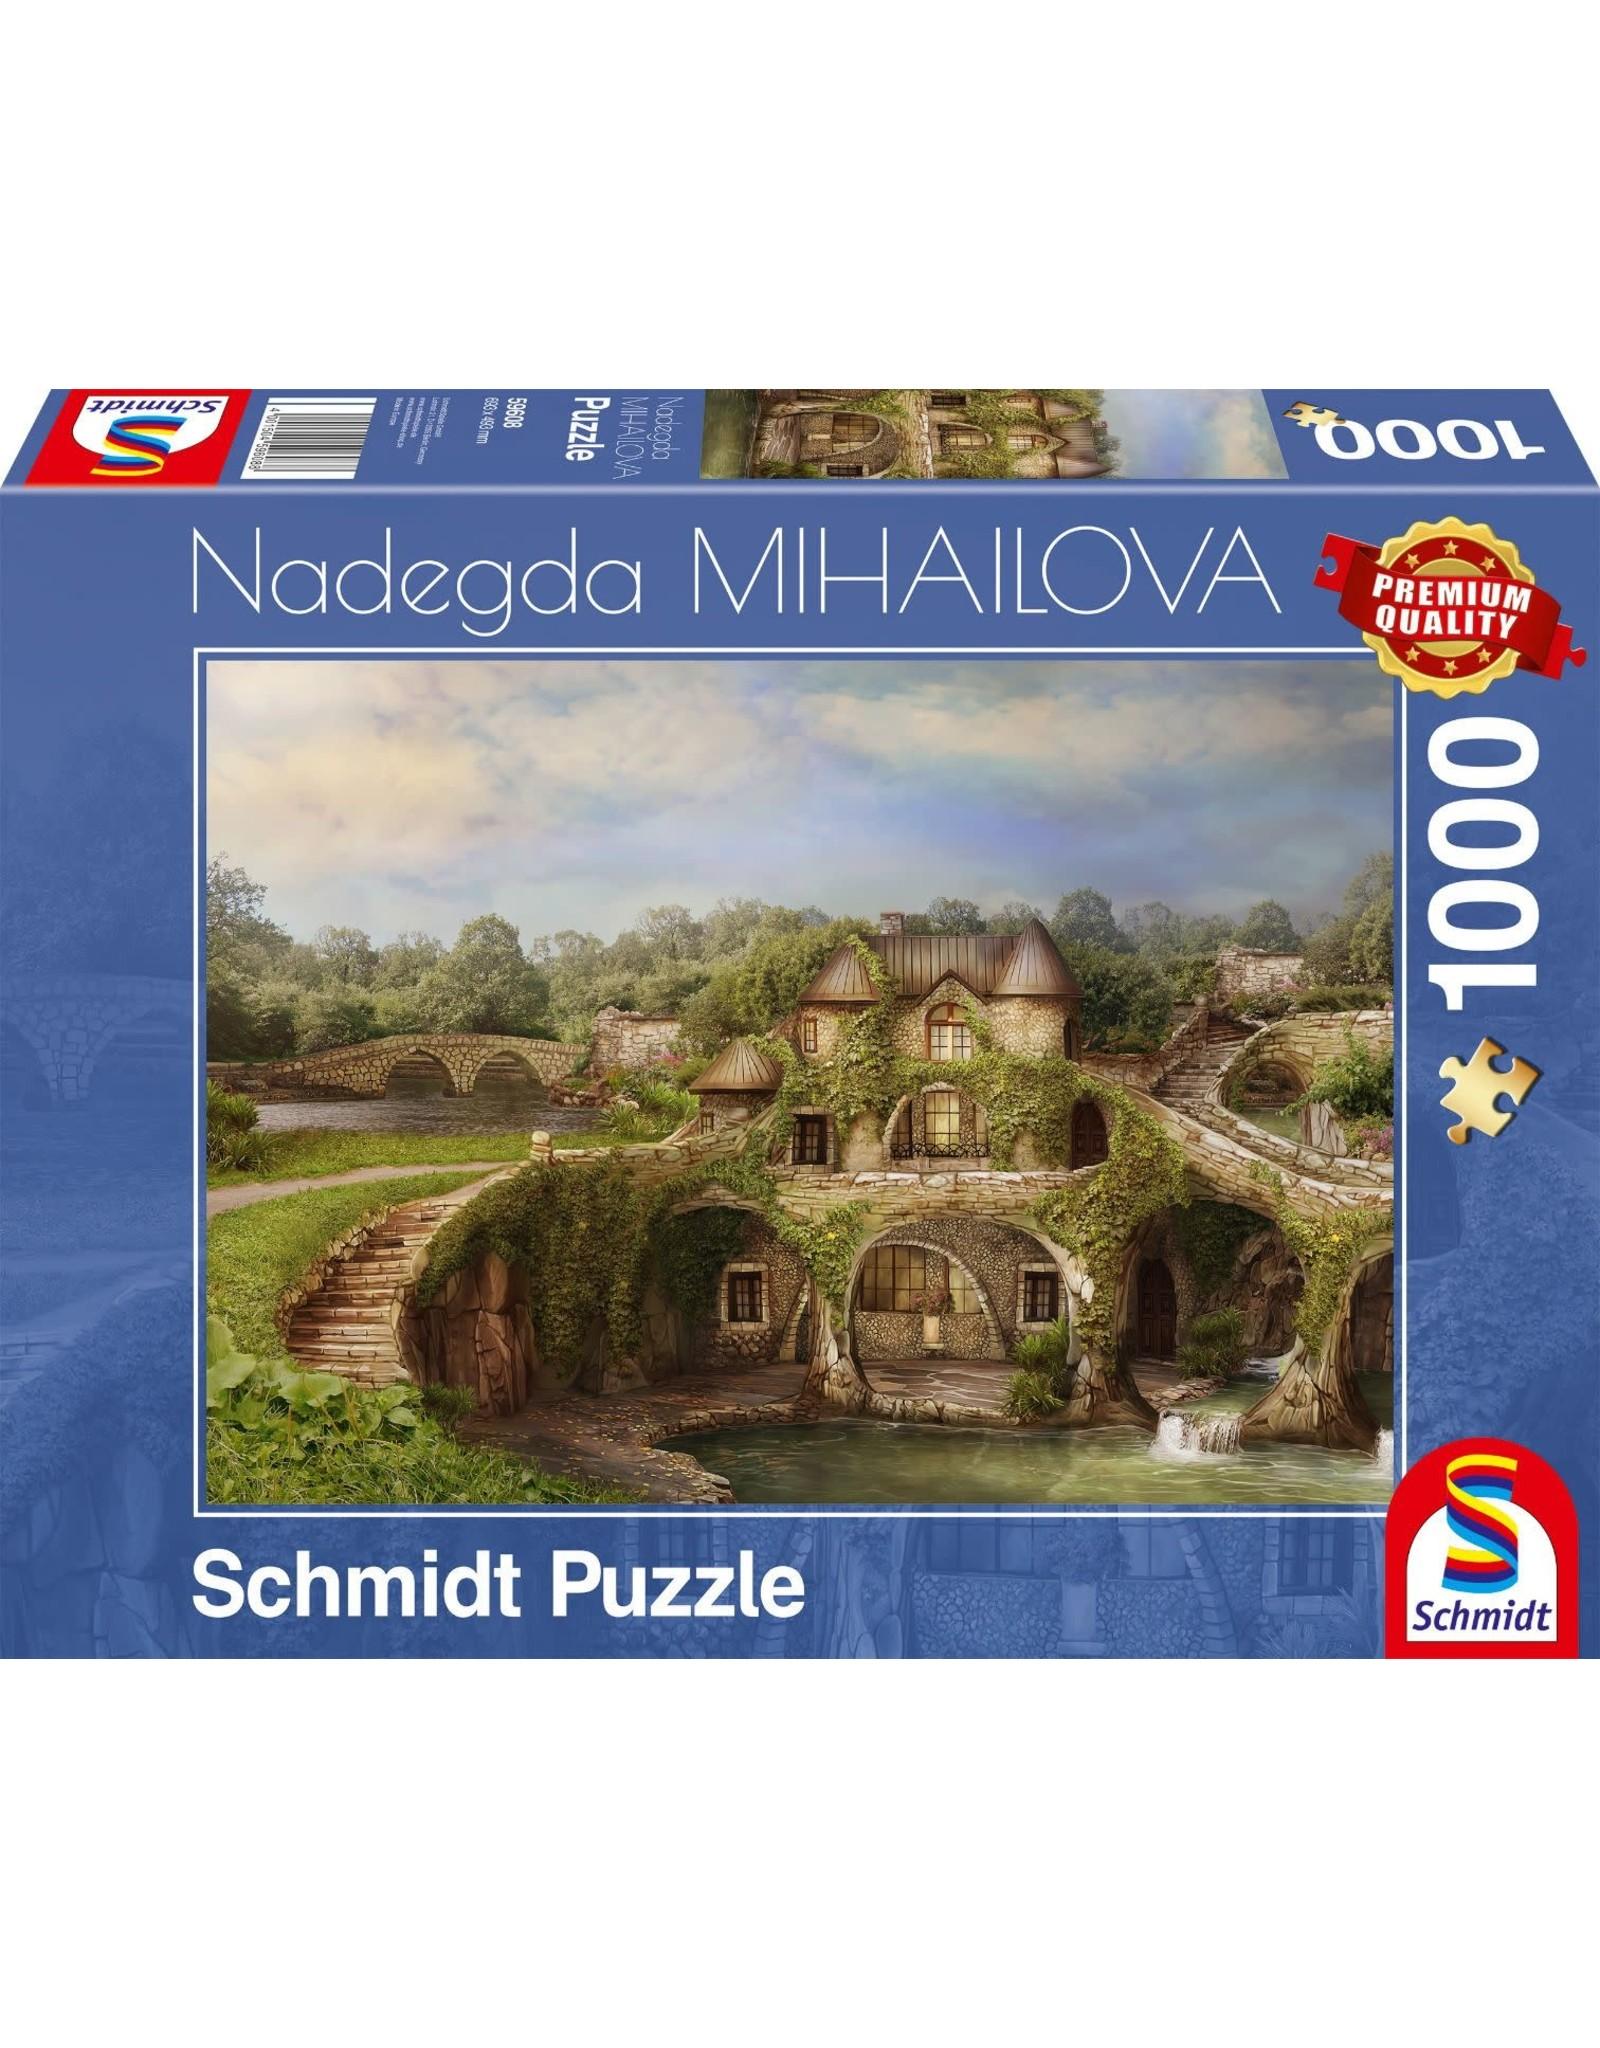 Schmidt 1000PC PUZZLE - NATURE HOUSE